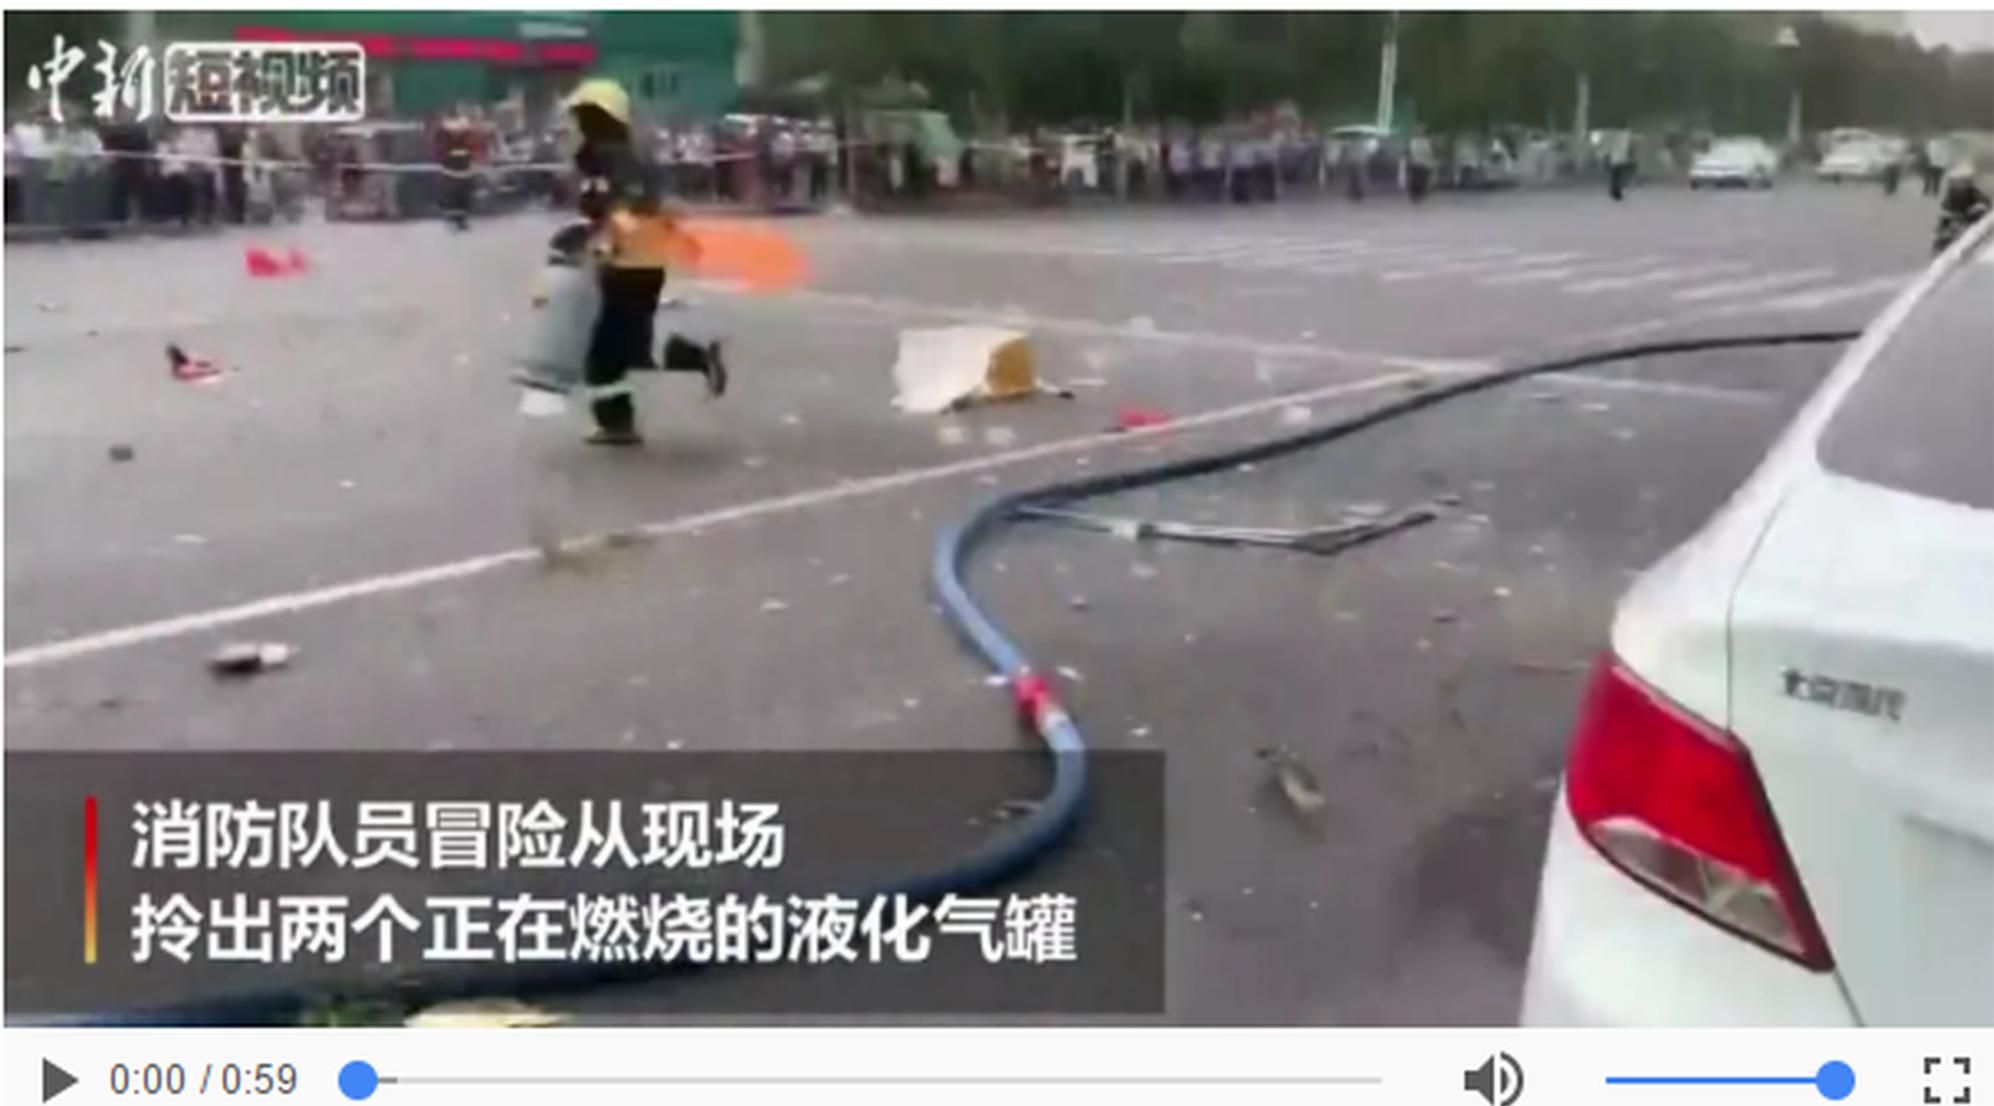 沧州一商铺发生闪爆 消防员拎出两个冒火液化气罐